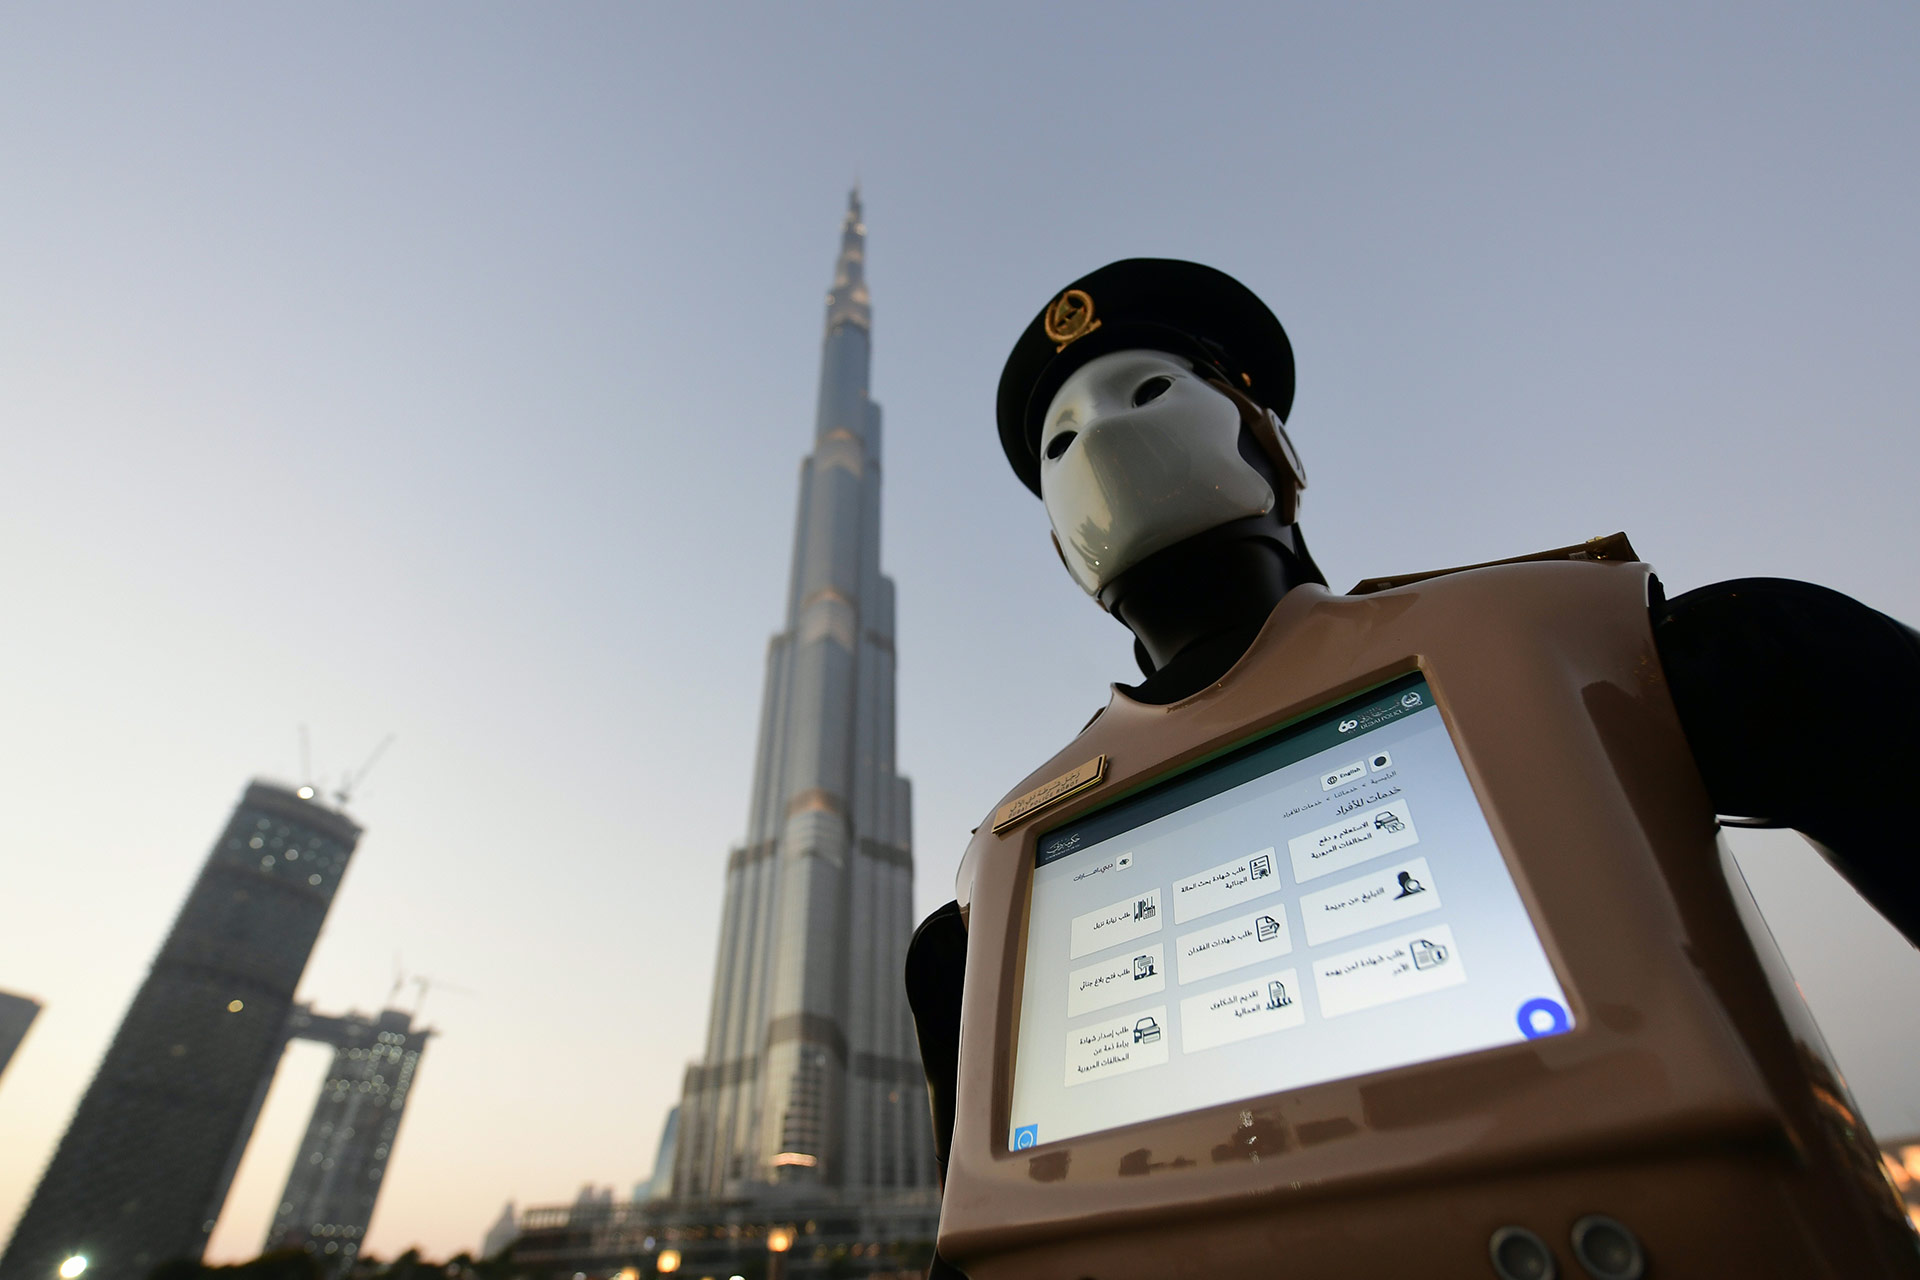 Vestido como un policía, este robot está equipado con un ordenador en el pecho que sirve para informar a la policía sobre posibles crímenes o para transmitir datos de infracciones de tráfico